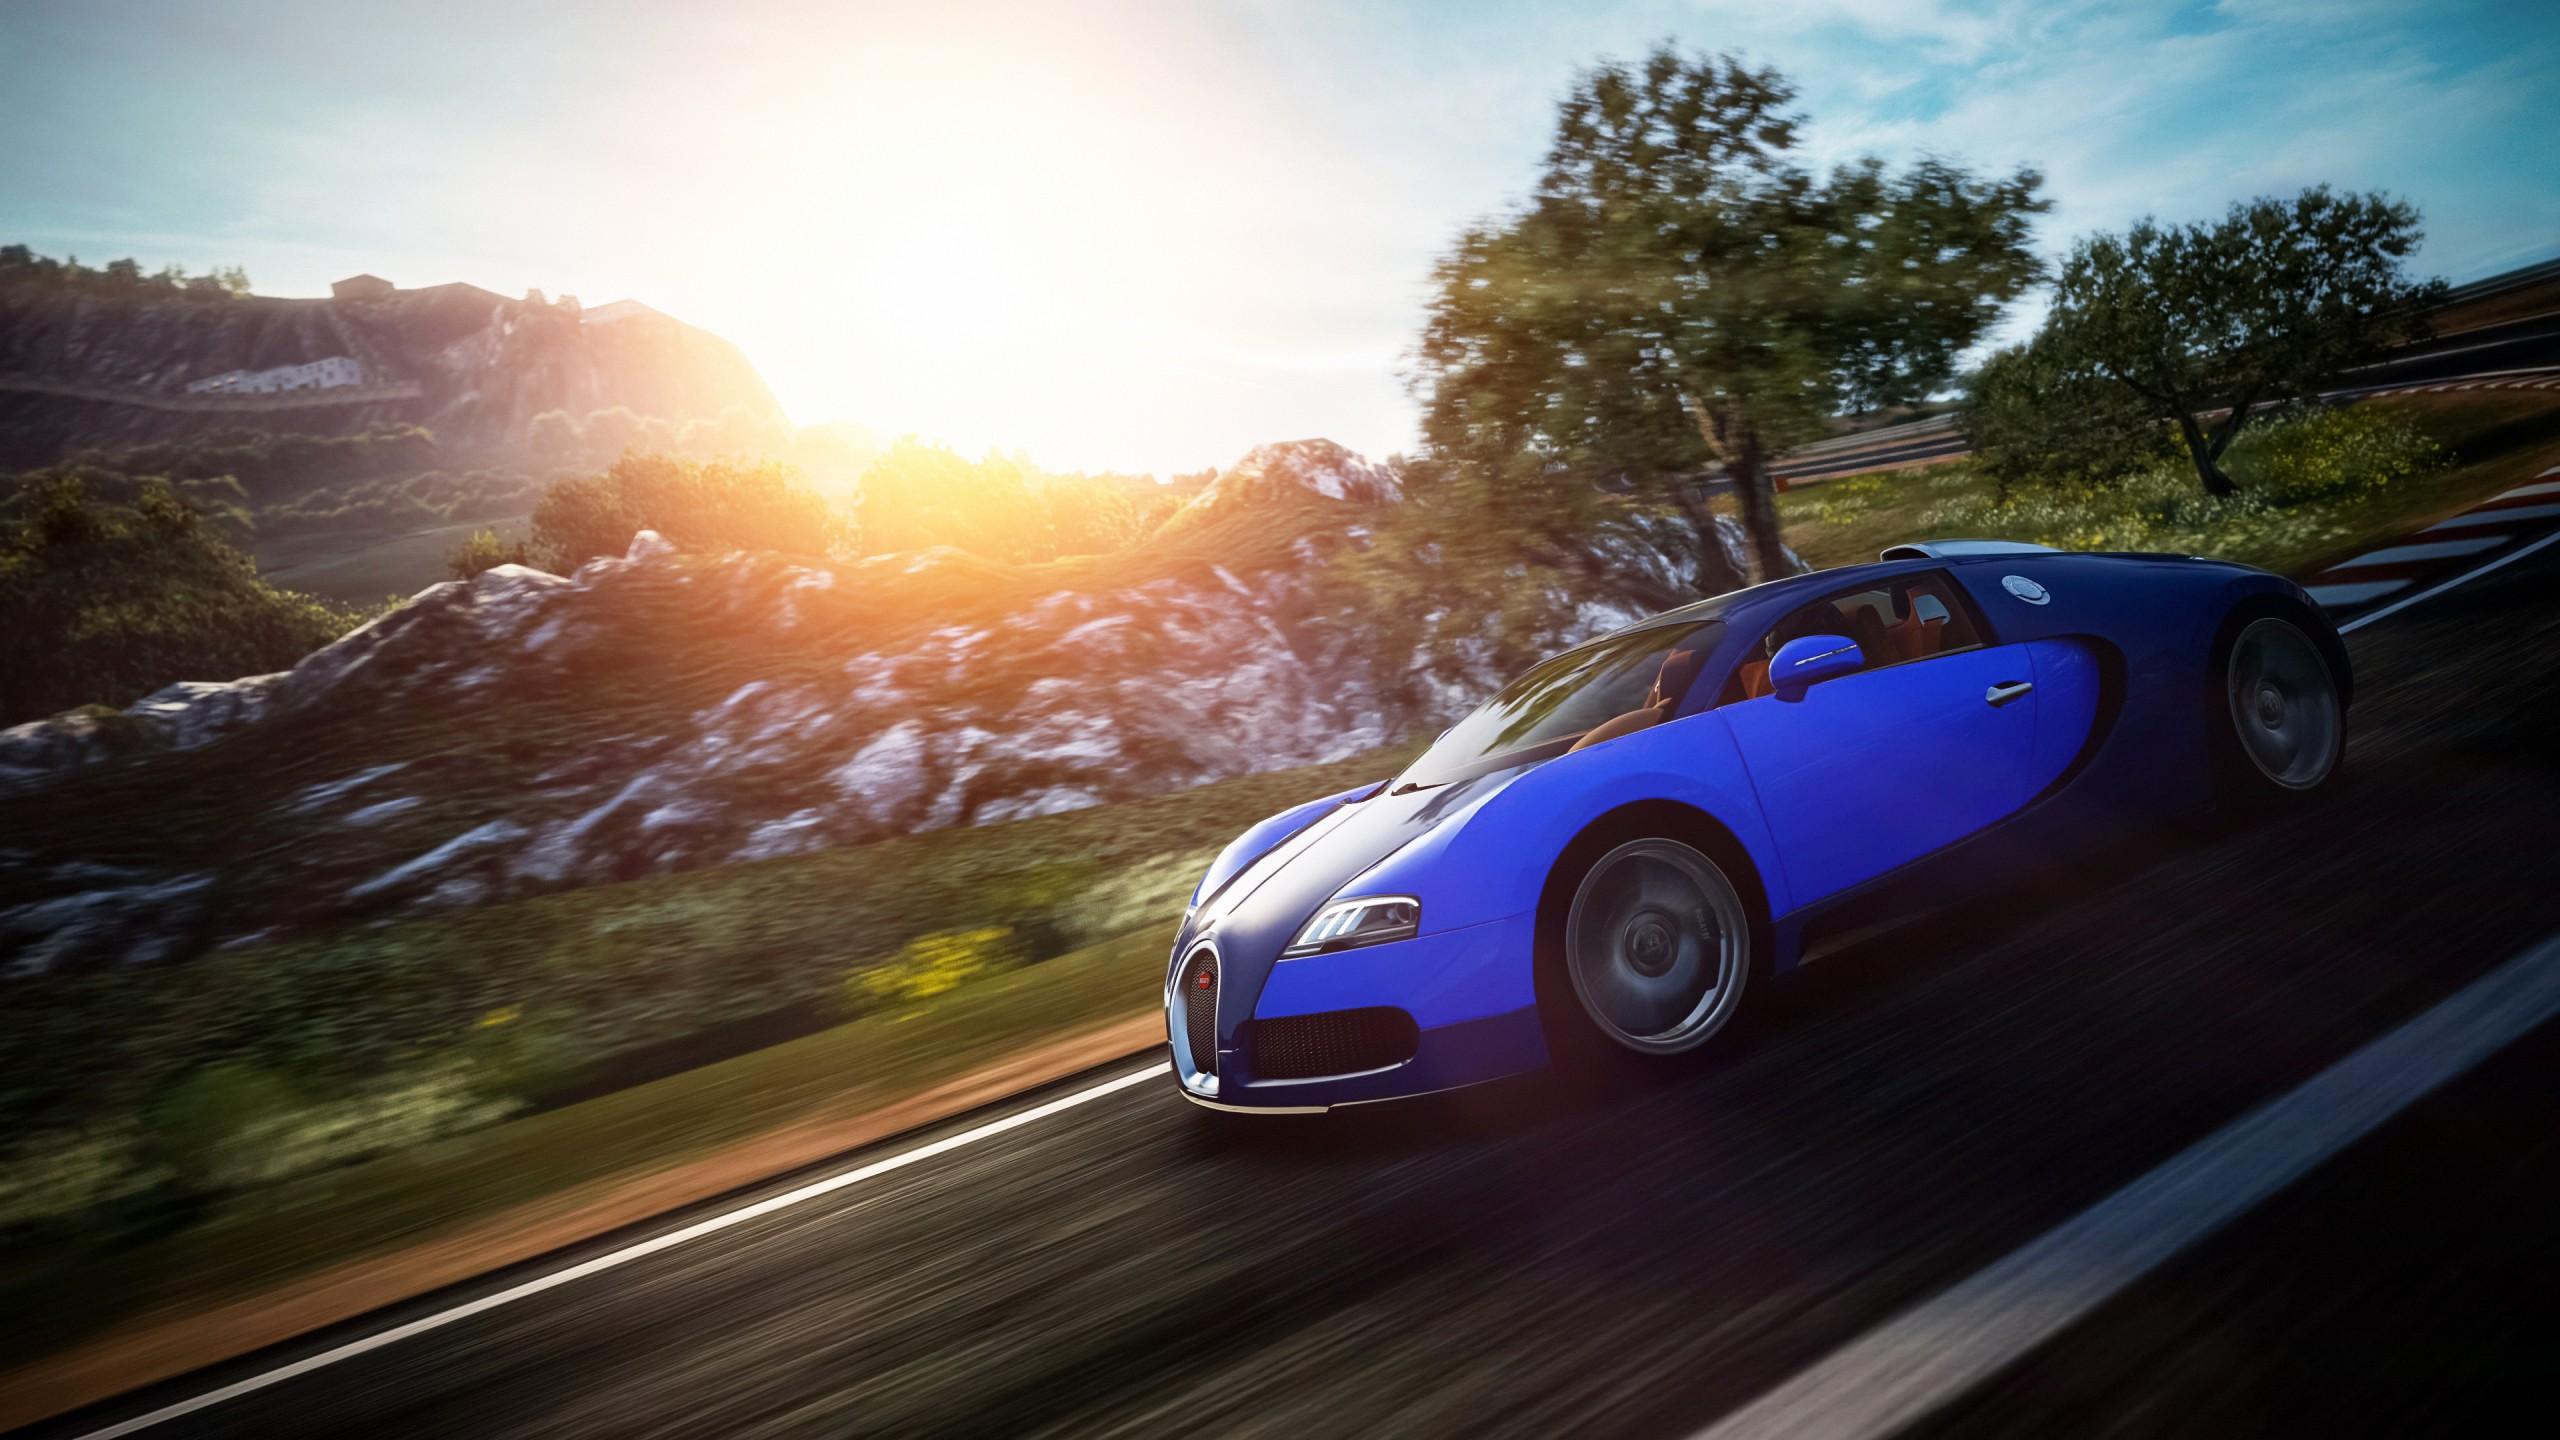 Bugatti Veyron Eb 16 4 Gran Turismo 6 Wallpapers Hd